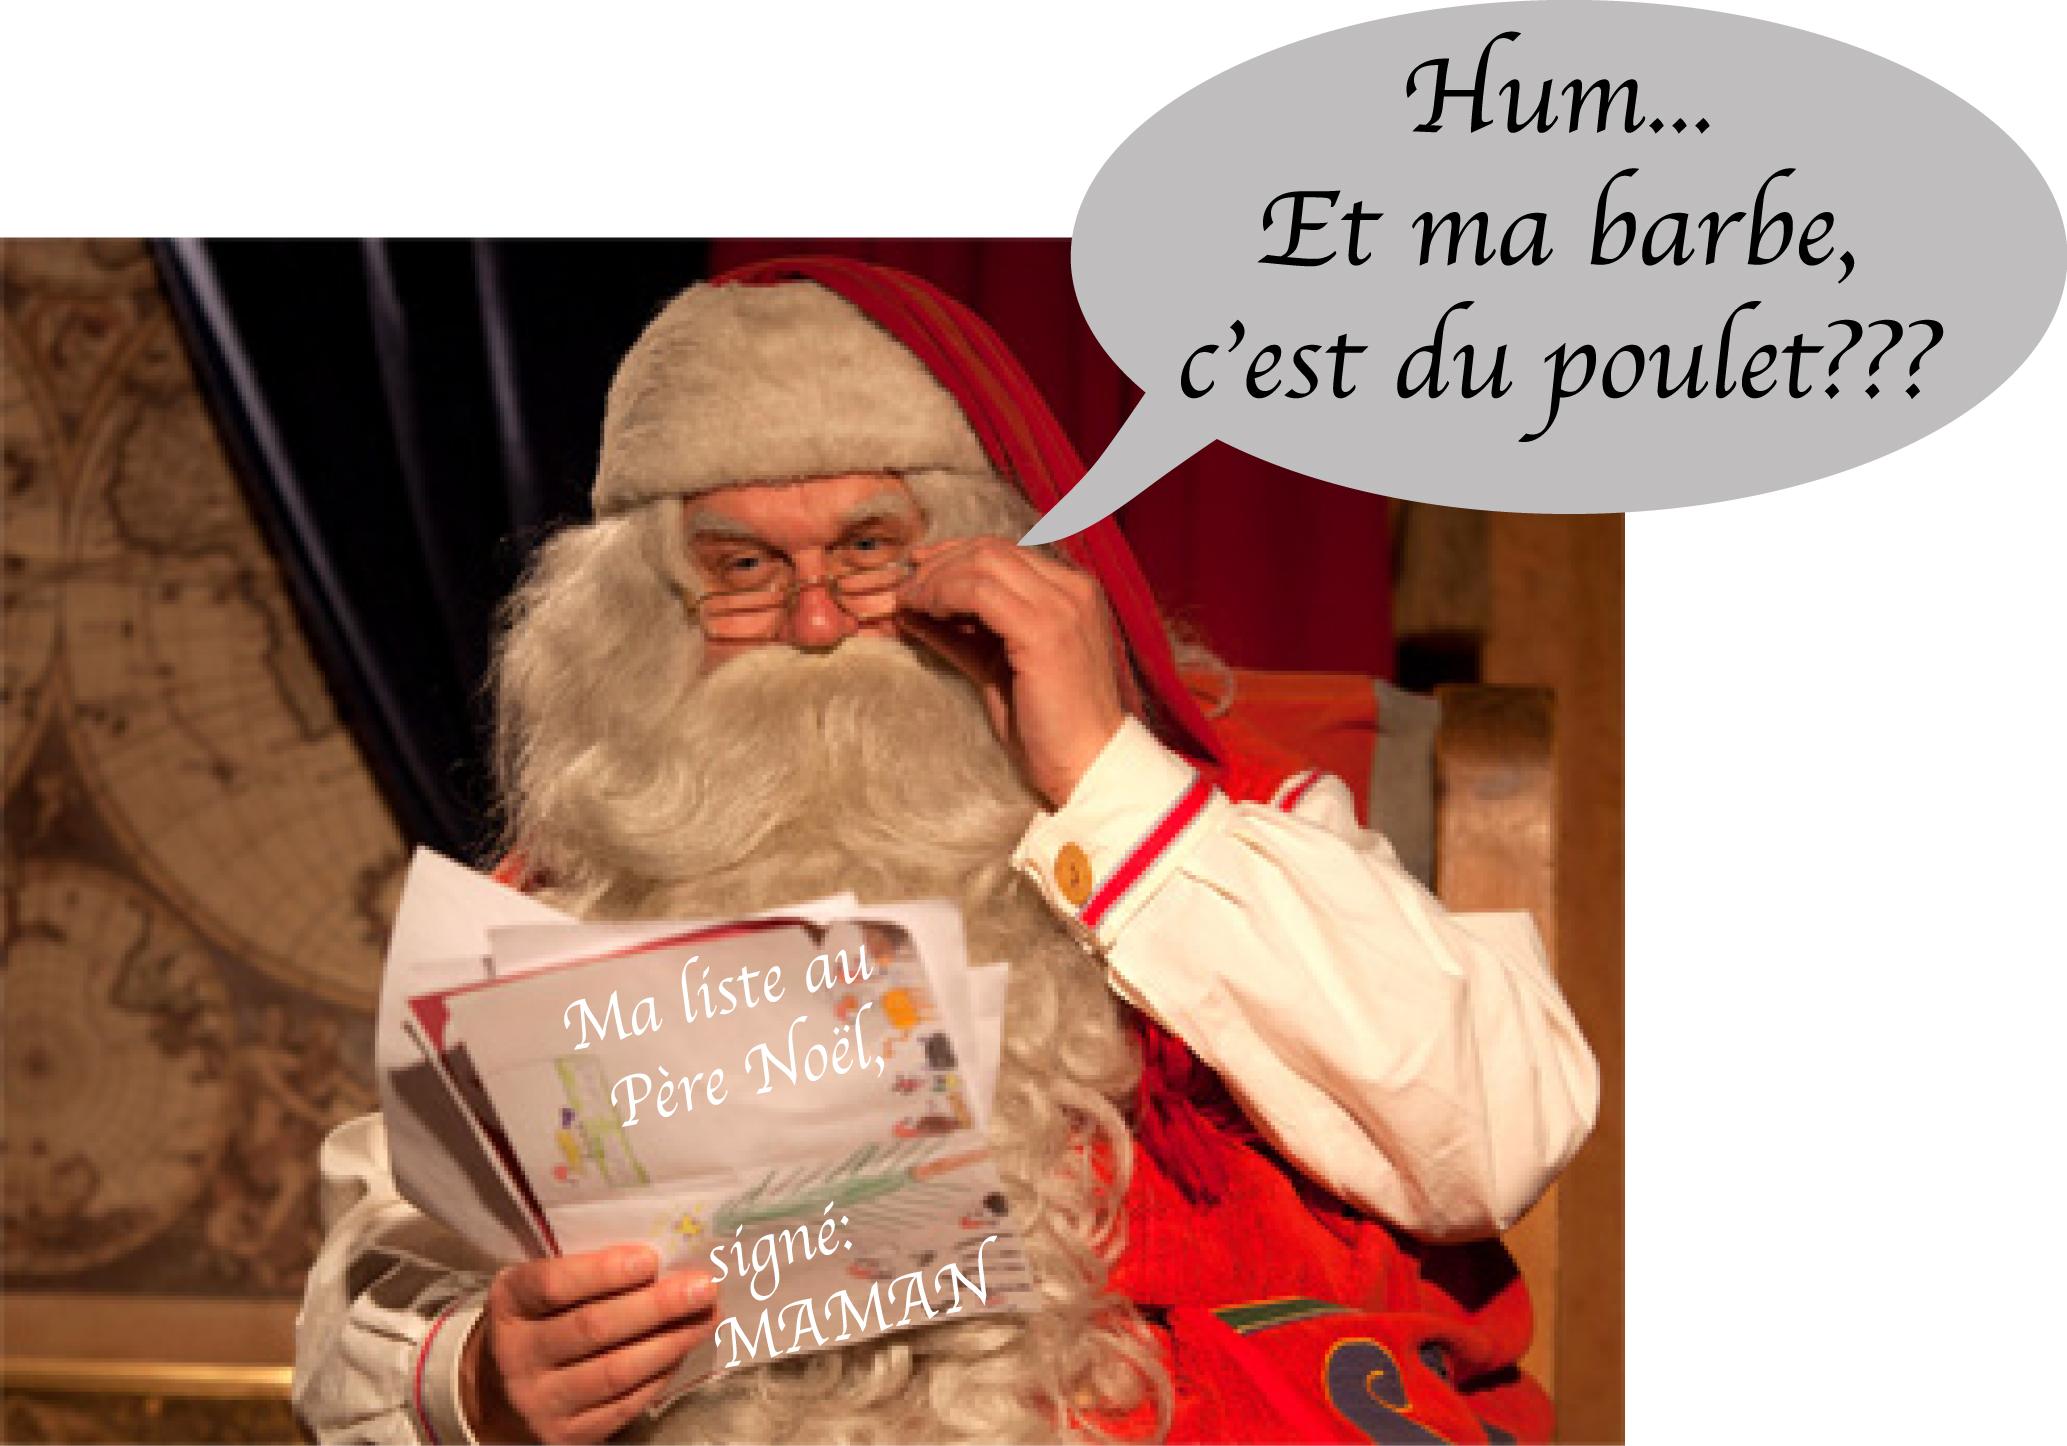 La Liste De Noel Des Mamans Humour Allo Maman Dodo